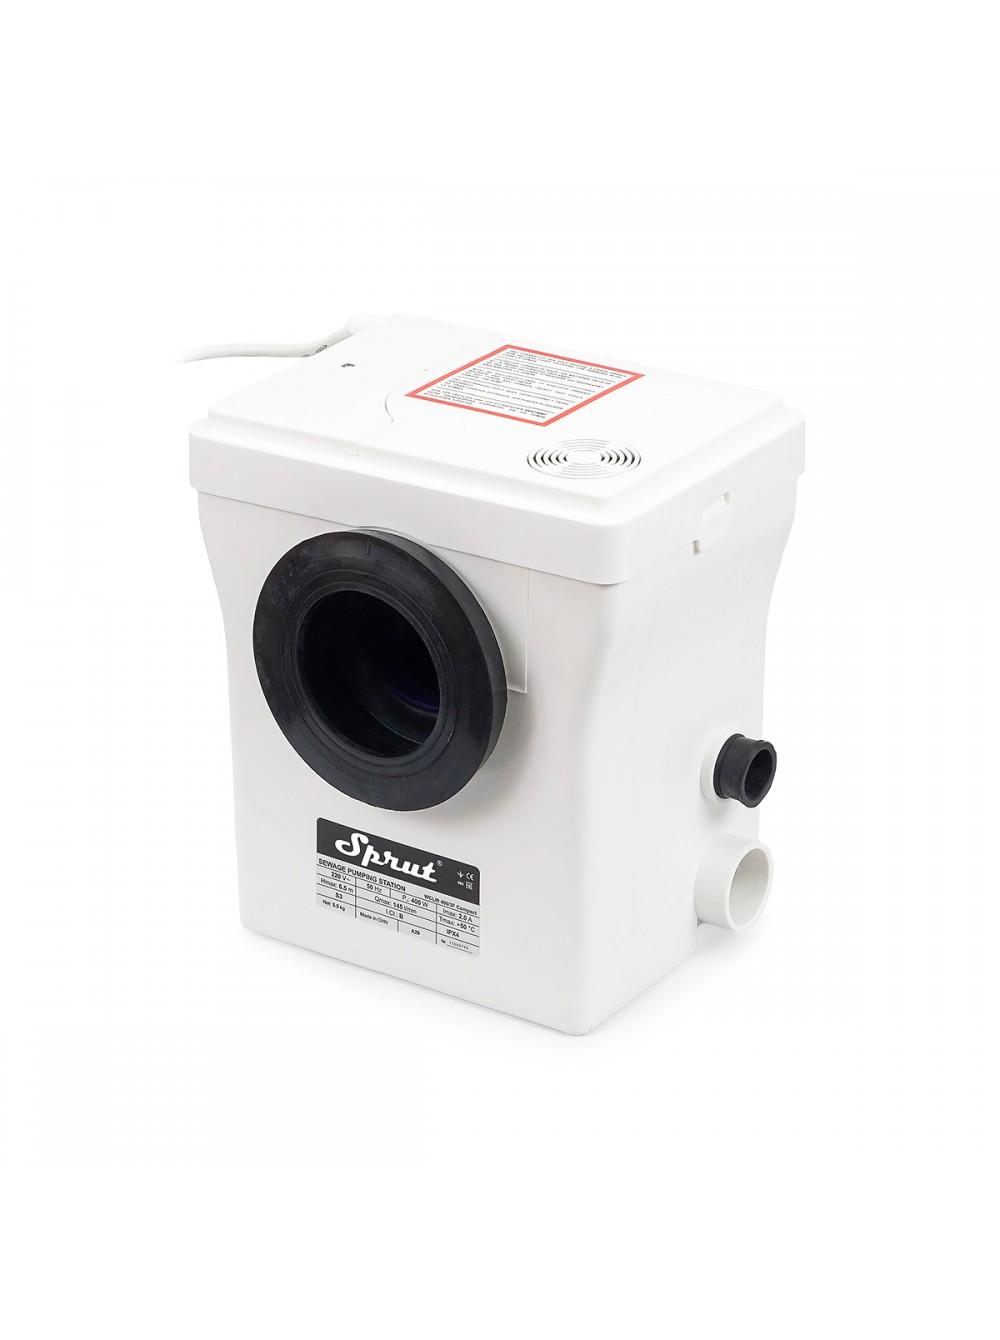 Канализационная установка Sprut Wclift 400/3F Compact цена